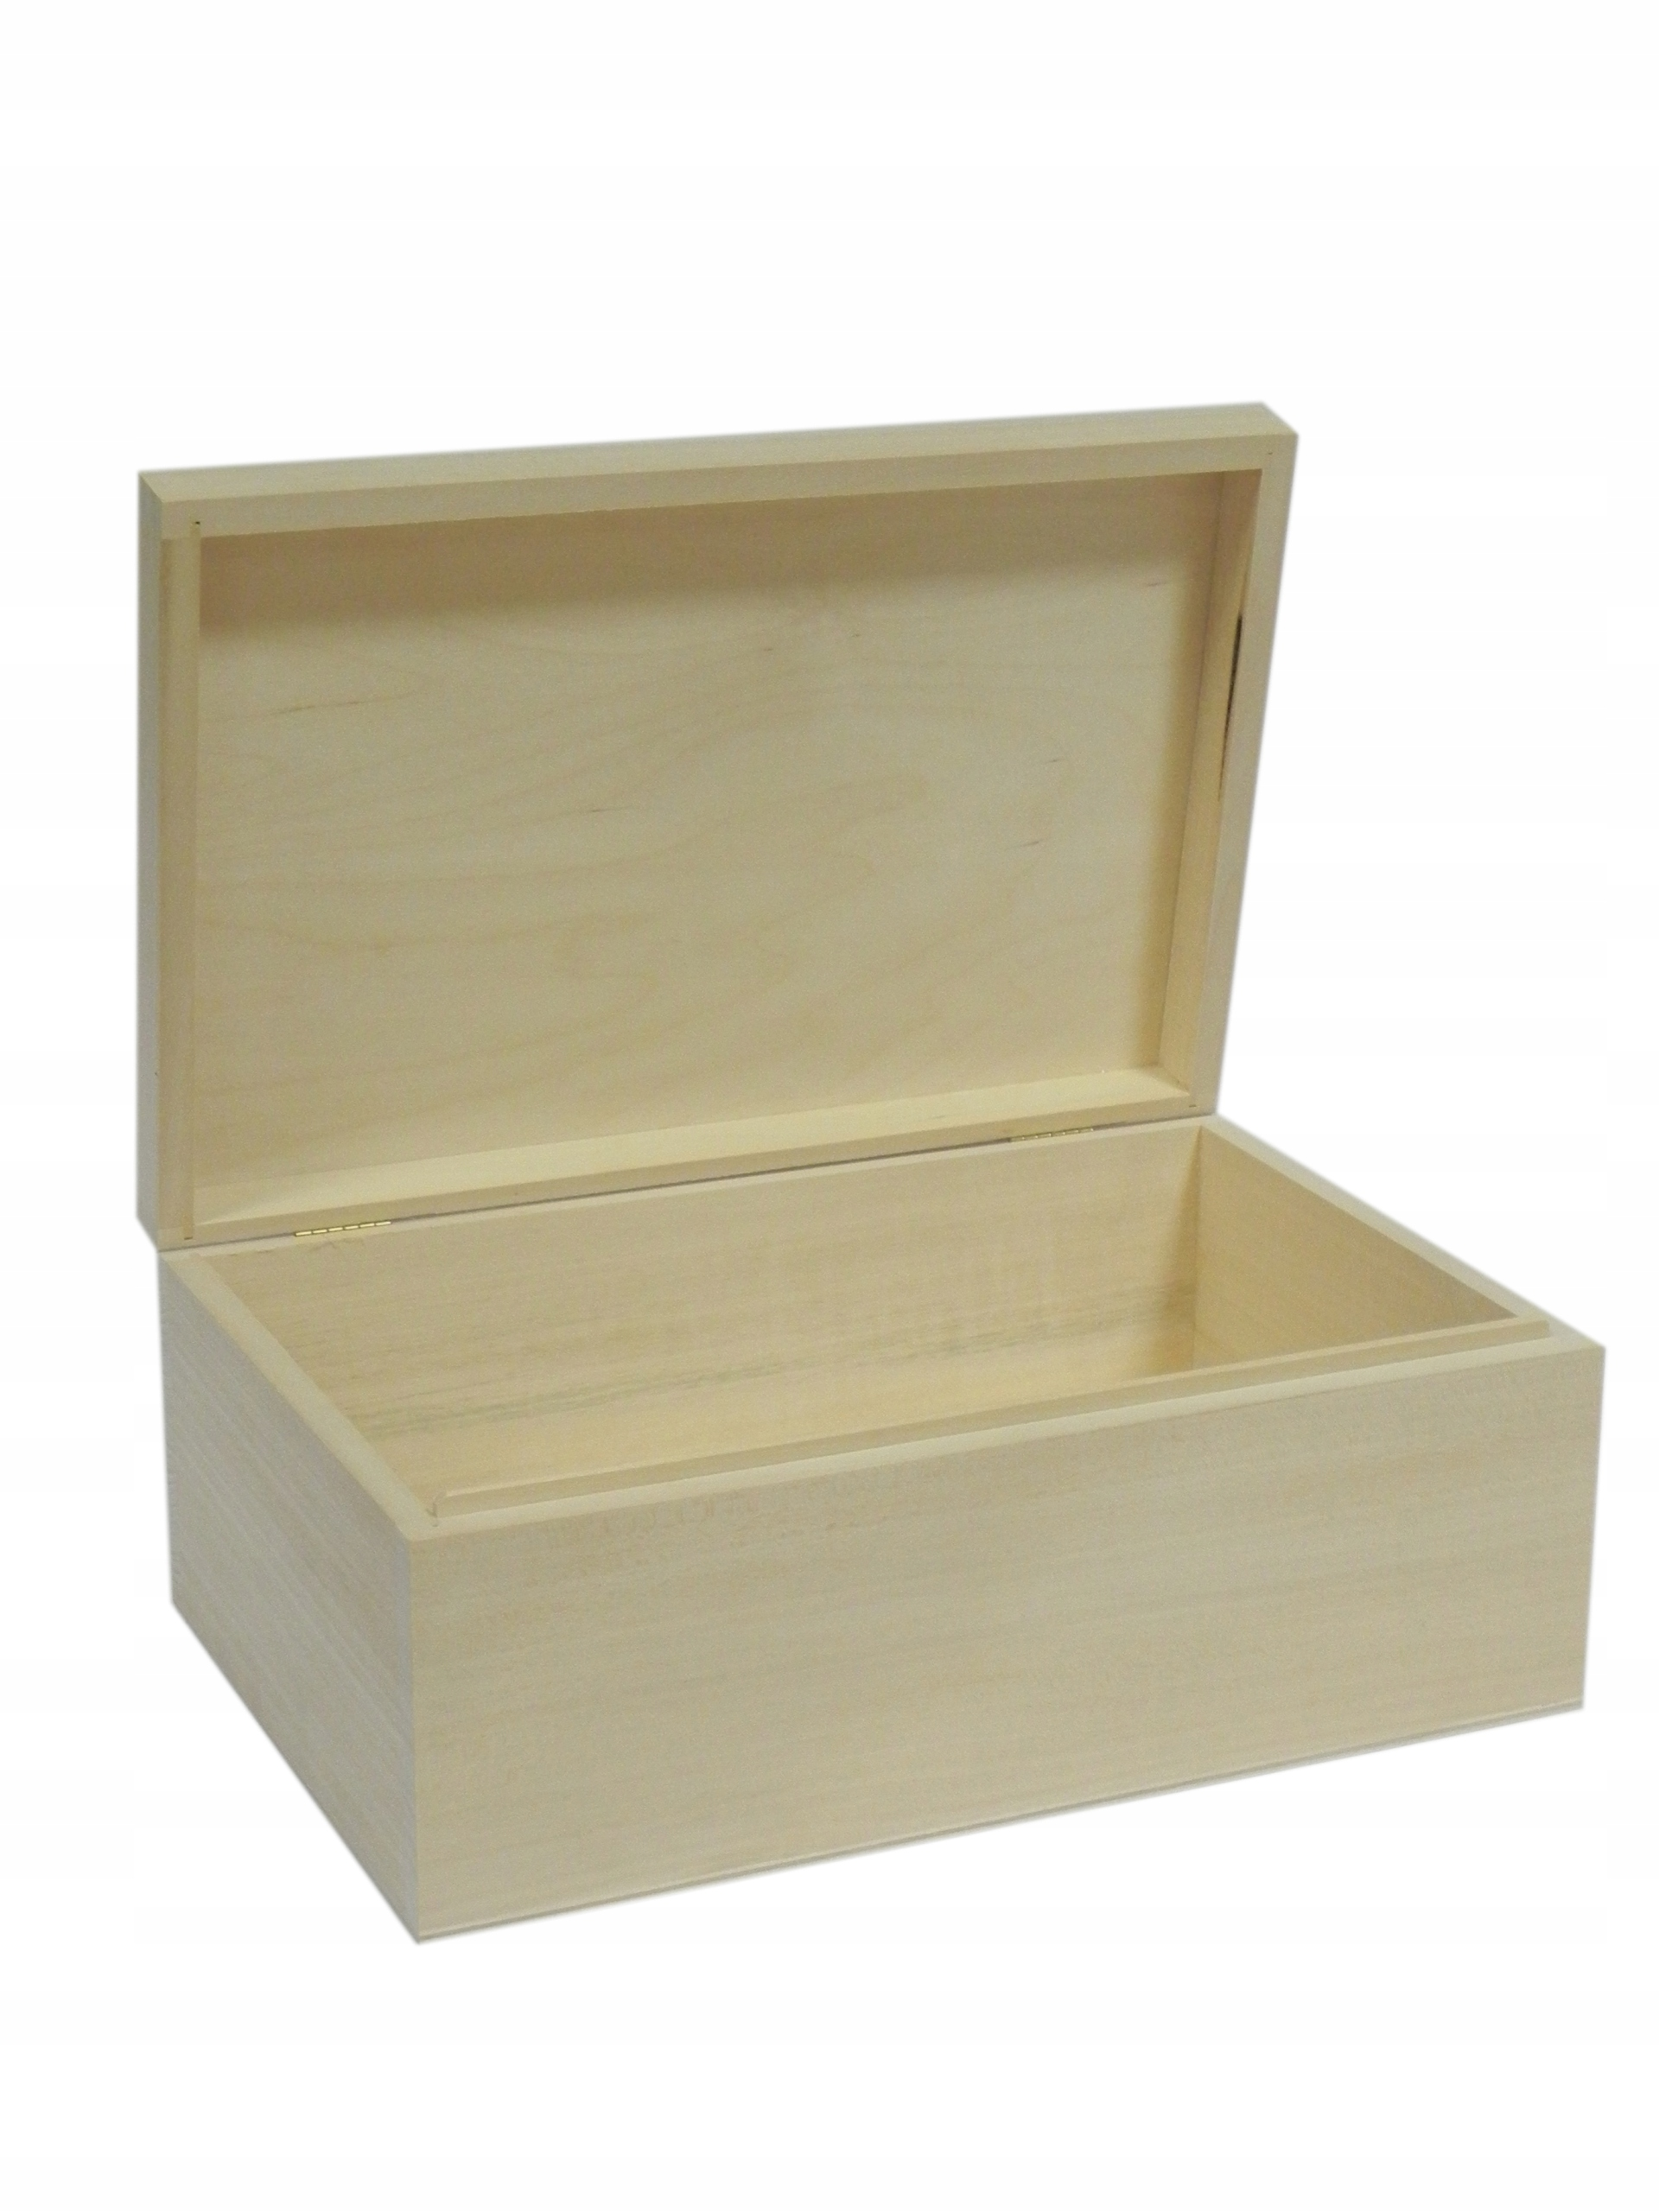 Деревянный ящик 30x20 ящик деревянный ящик